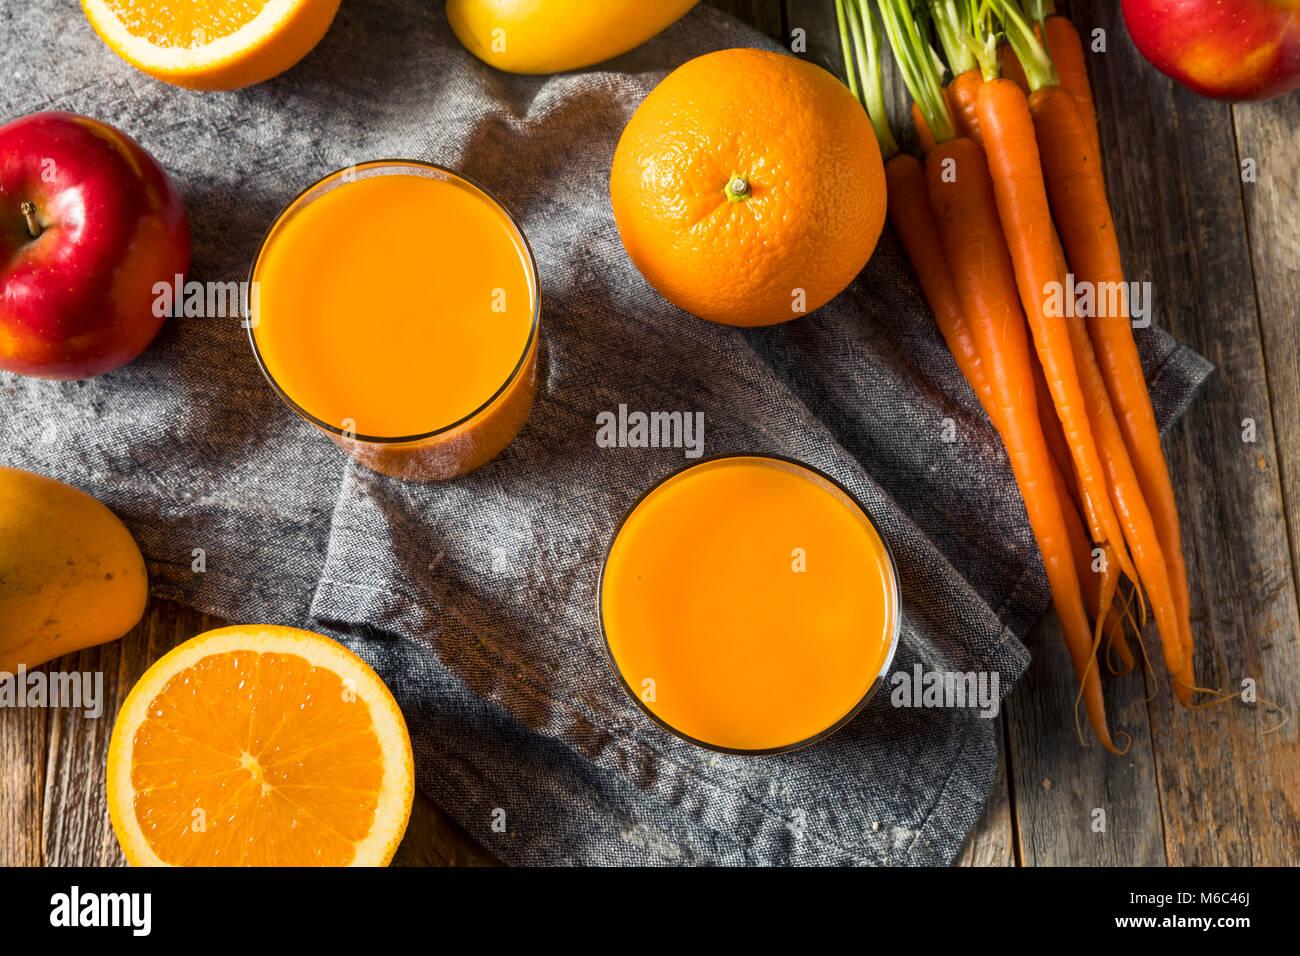 Sana arancione organico frullato di carote di bere succo di mango e banana Immagini Stock